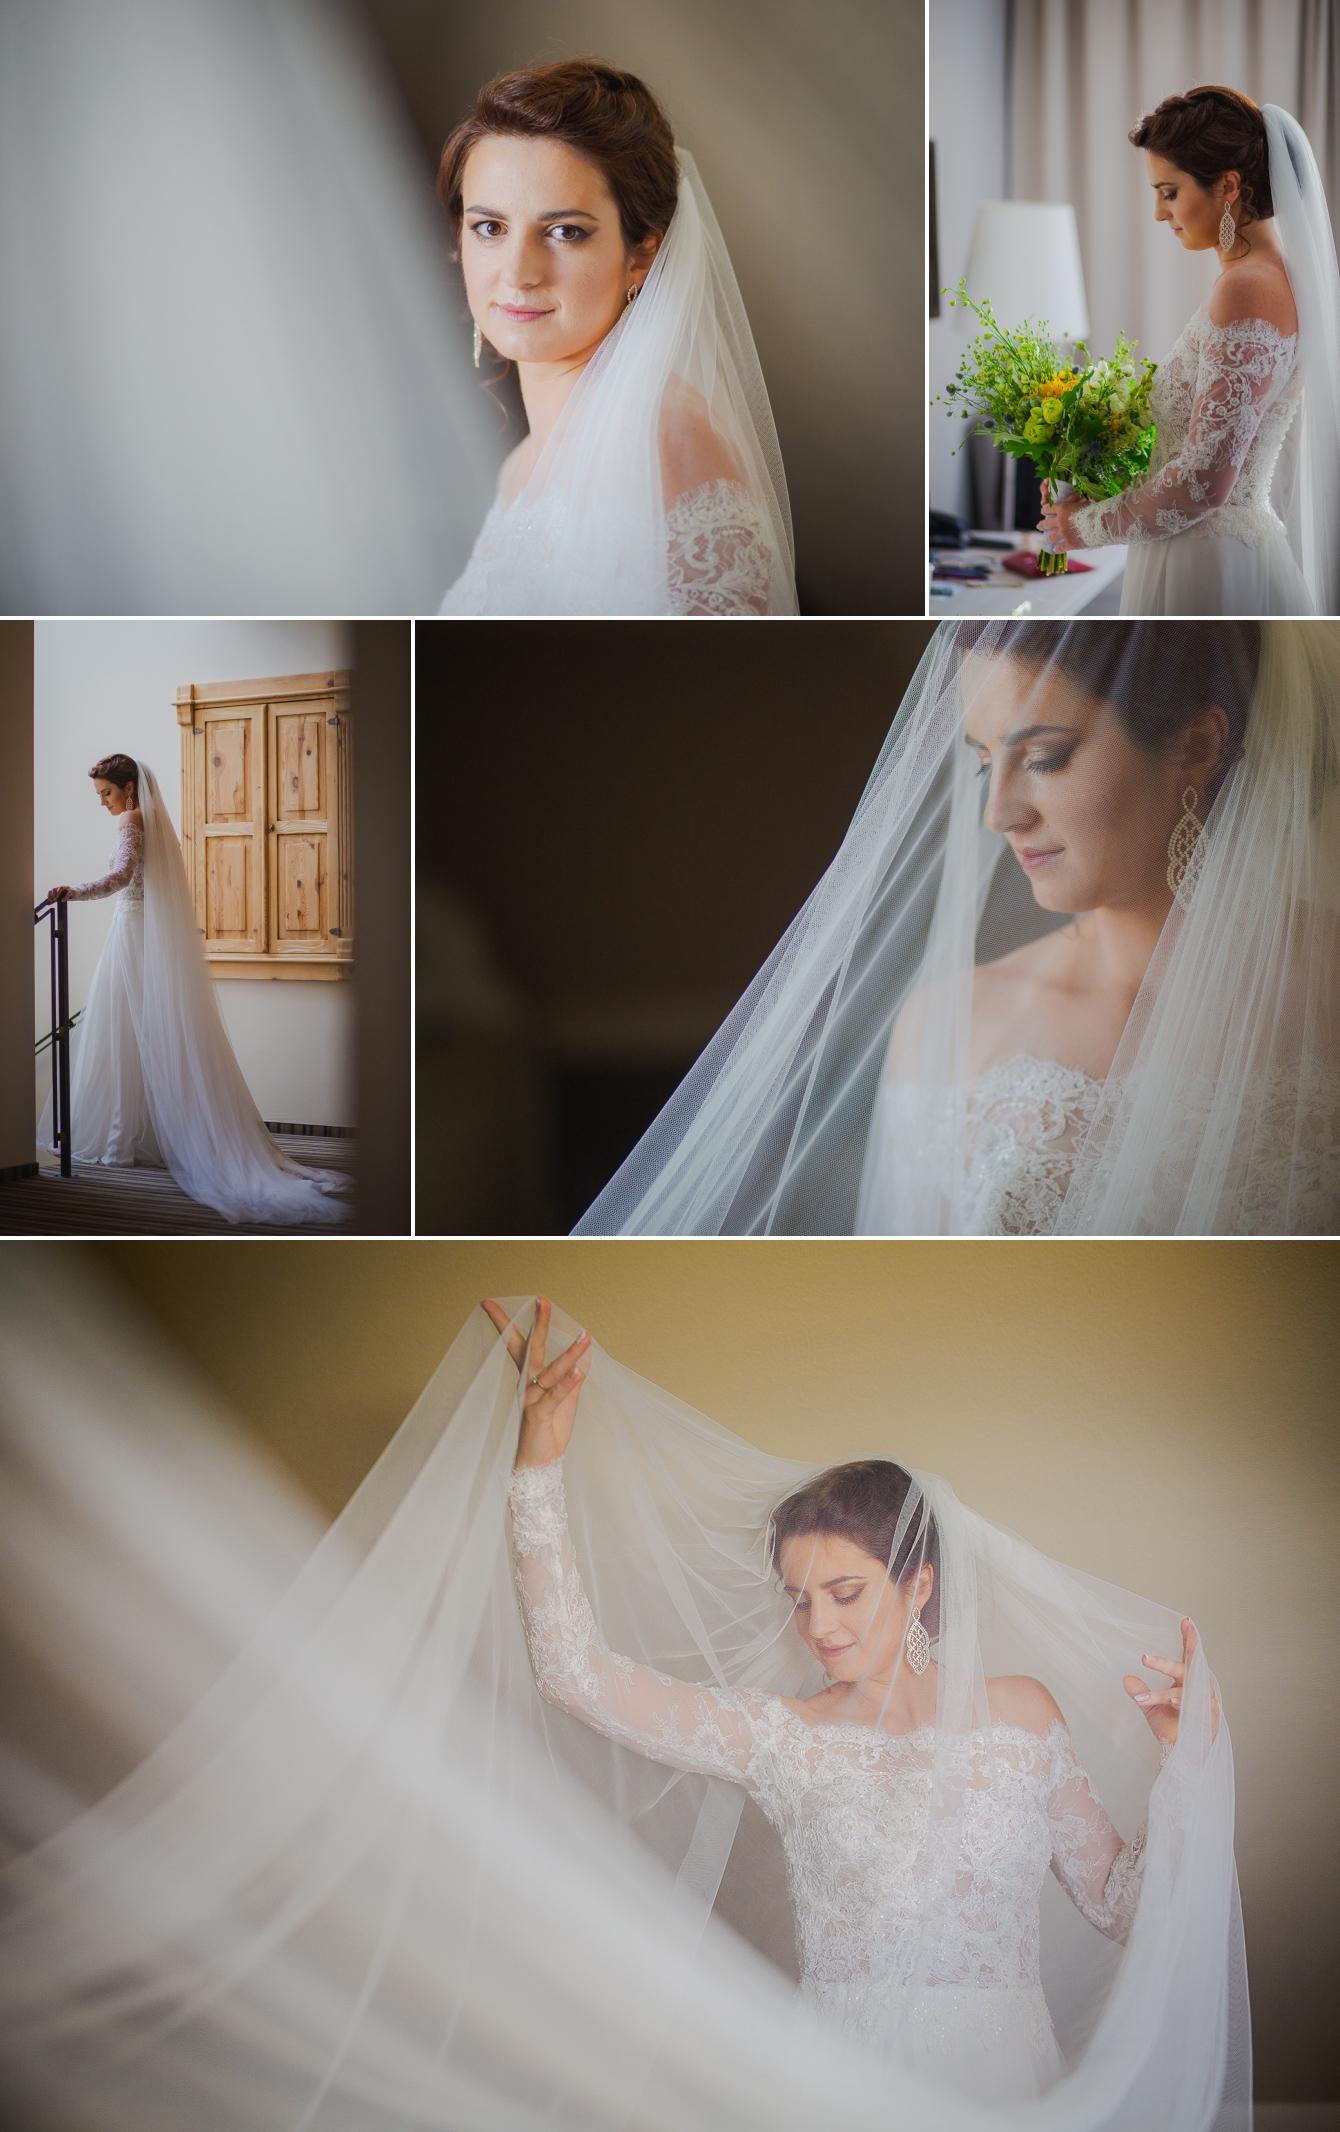 Ania i Damian - ślub w górach - Kocierz SPA - fotografia ślubna - bartek Wyrobek  (3).jpg